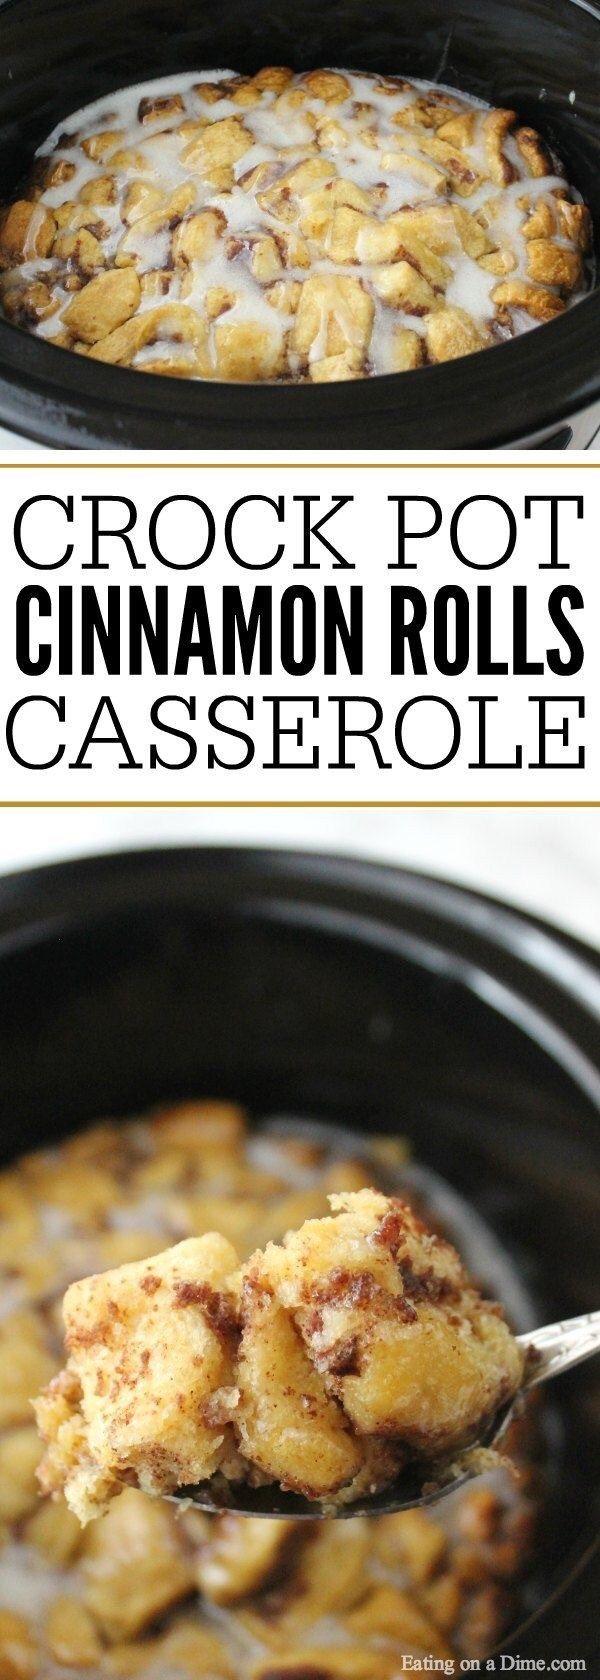 Crock Pot Cinnamon Roll Casserole #slowcookercrockpots